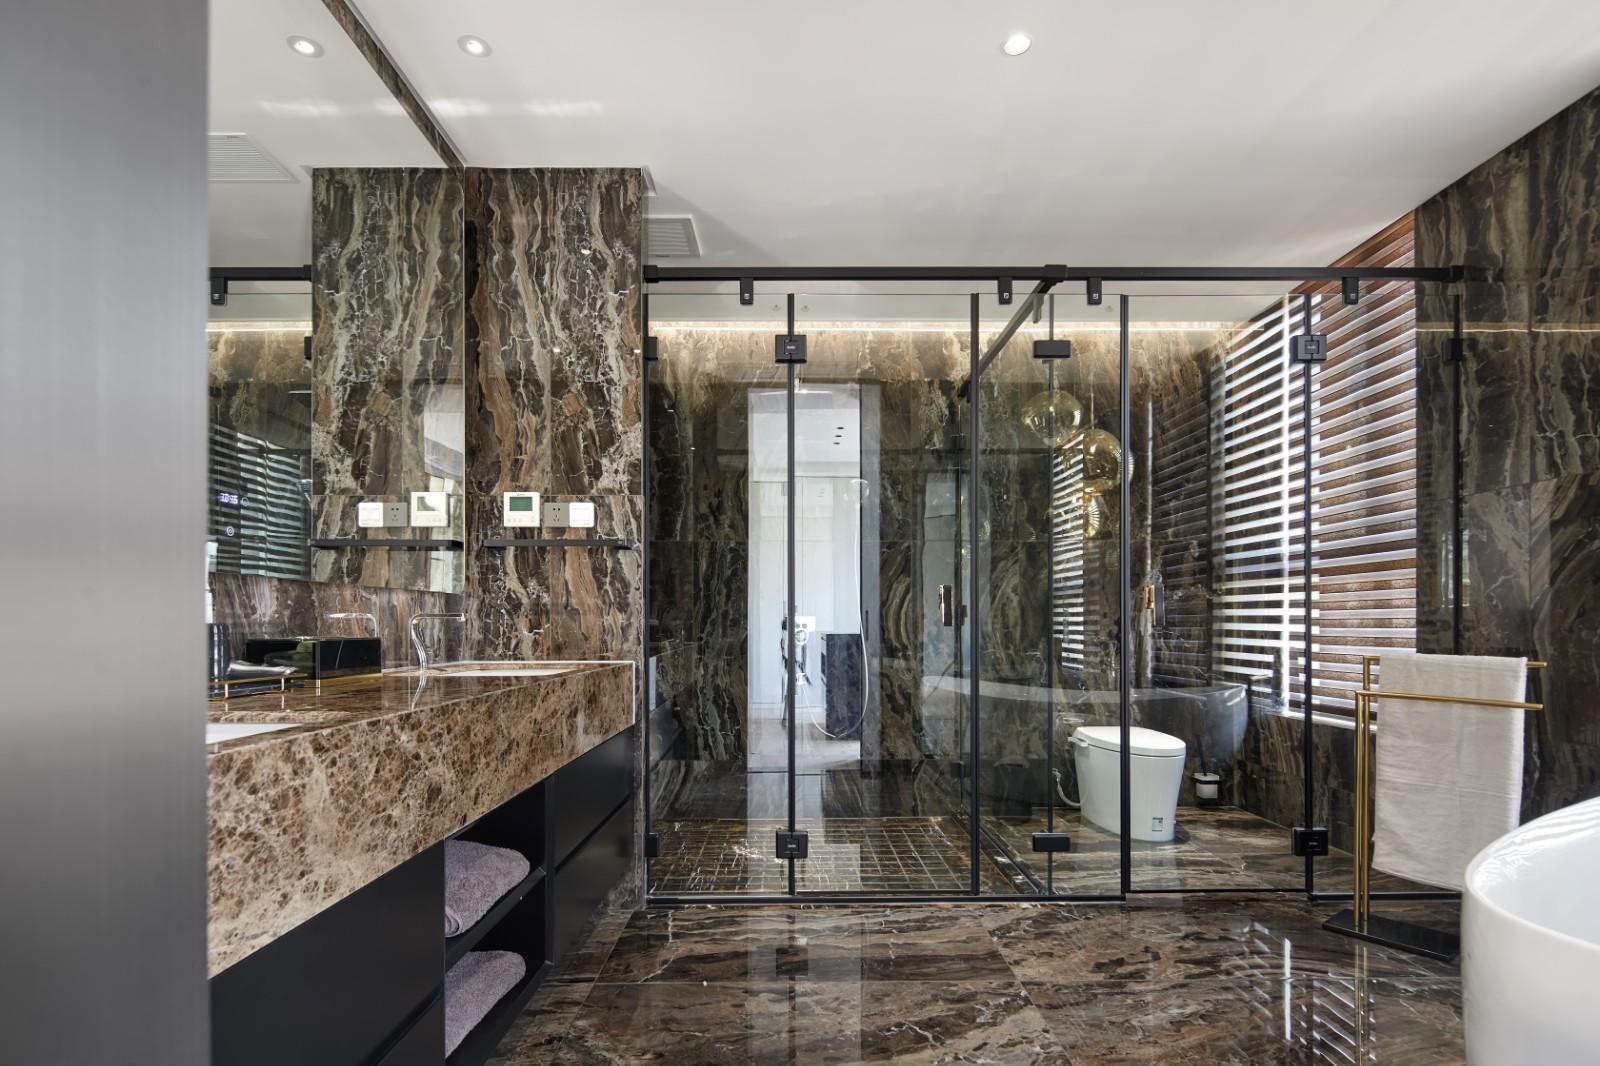 贵阳别墅卫生间墙面防水做法,贵阳卫生间墙面防水材料都有什么